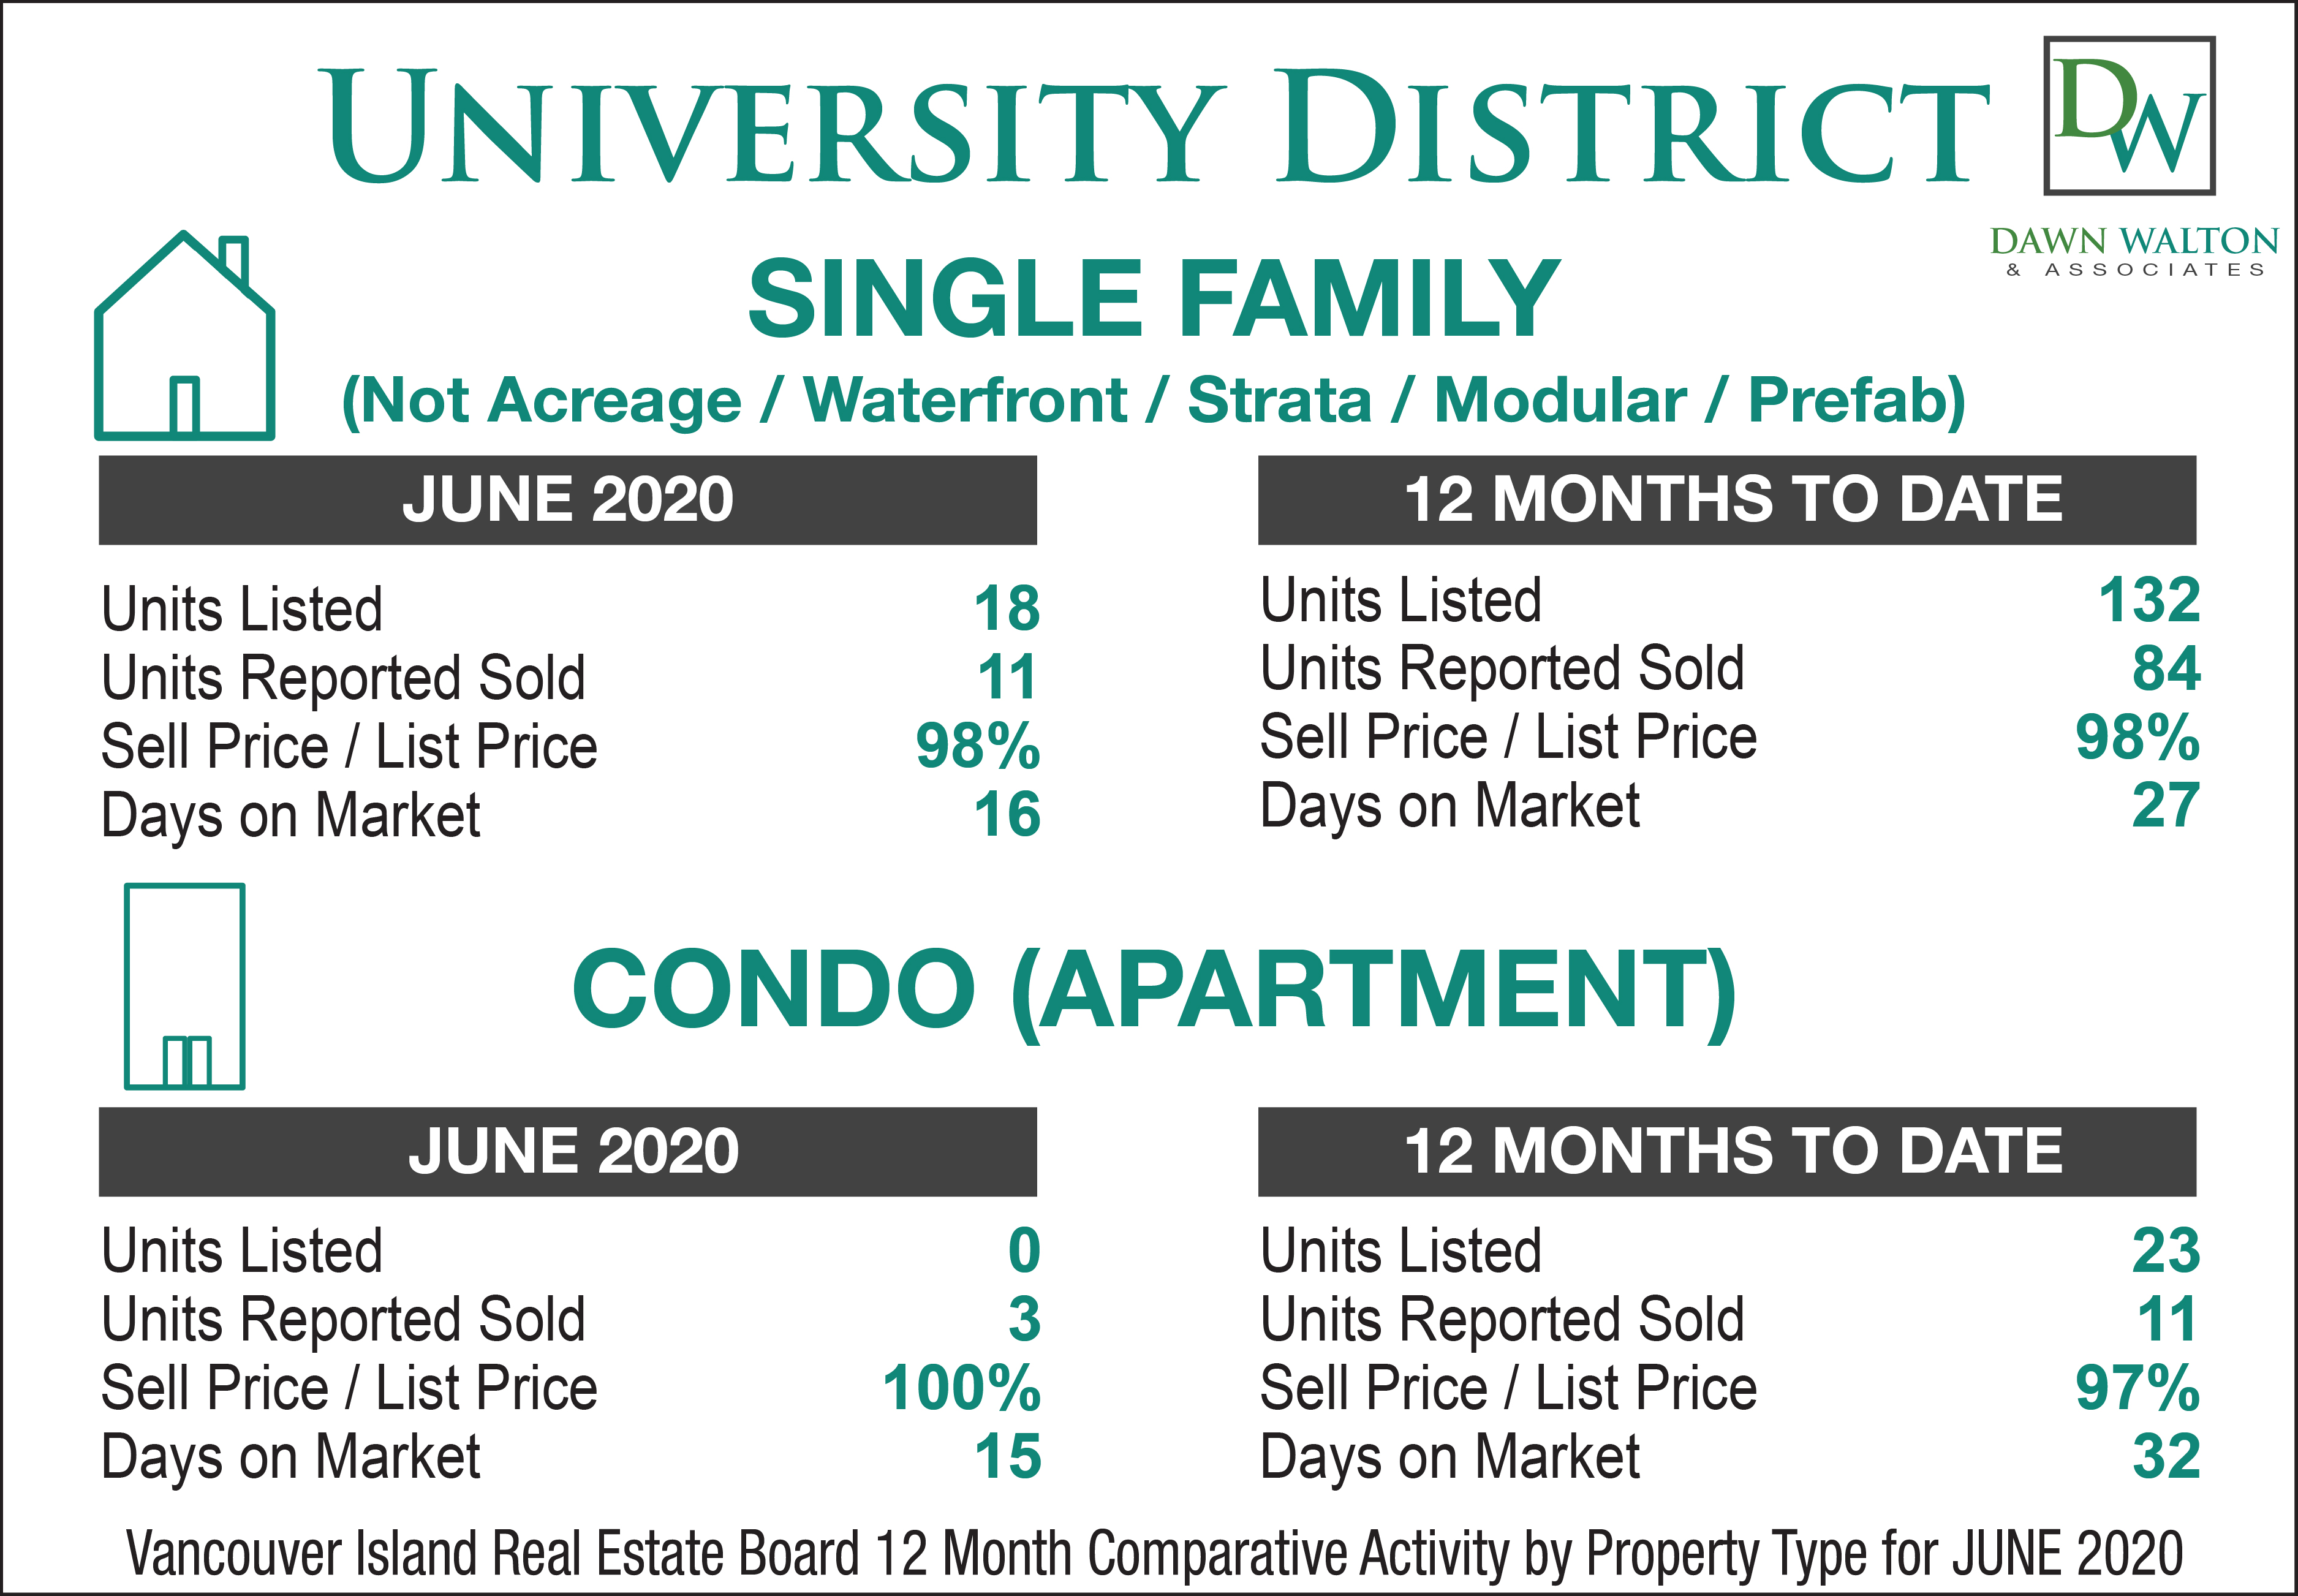 University District Real Estate Market Stats June  2020 - Nanaimo Realtor Dawn Walton